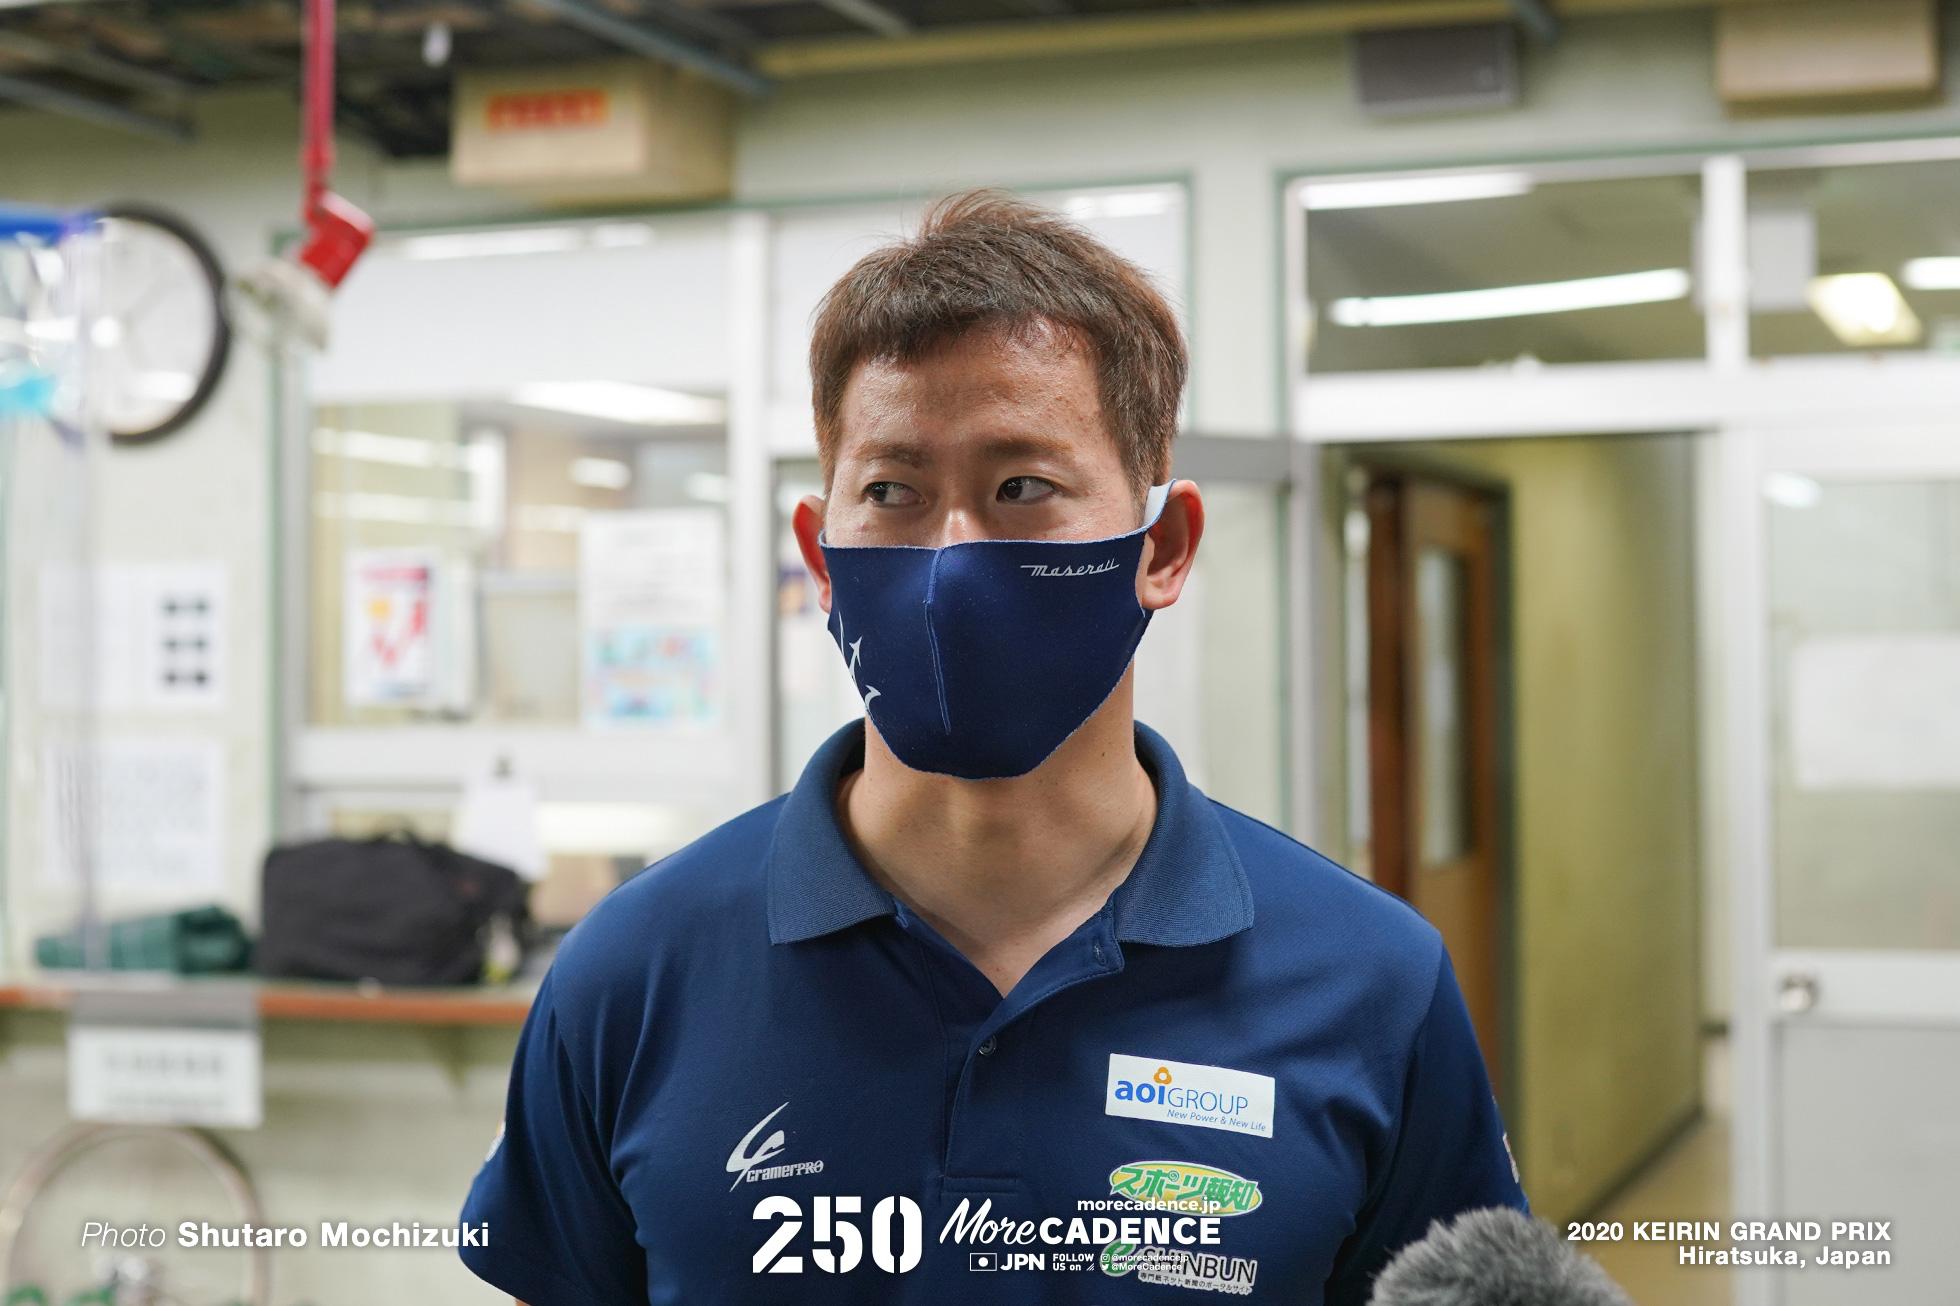 脇本雄太, KEIRINグランプリ2020, 平塚競輪場